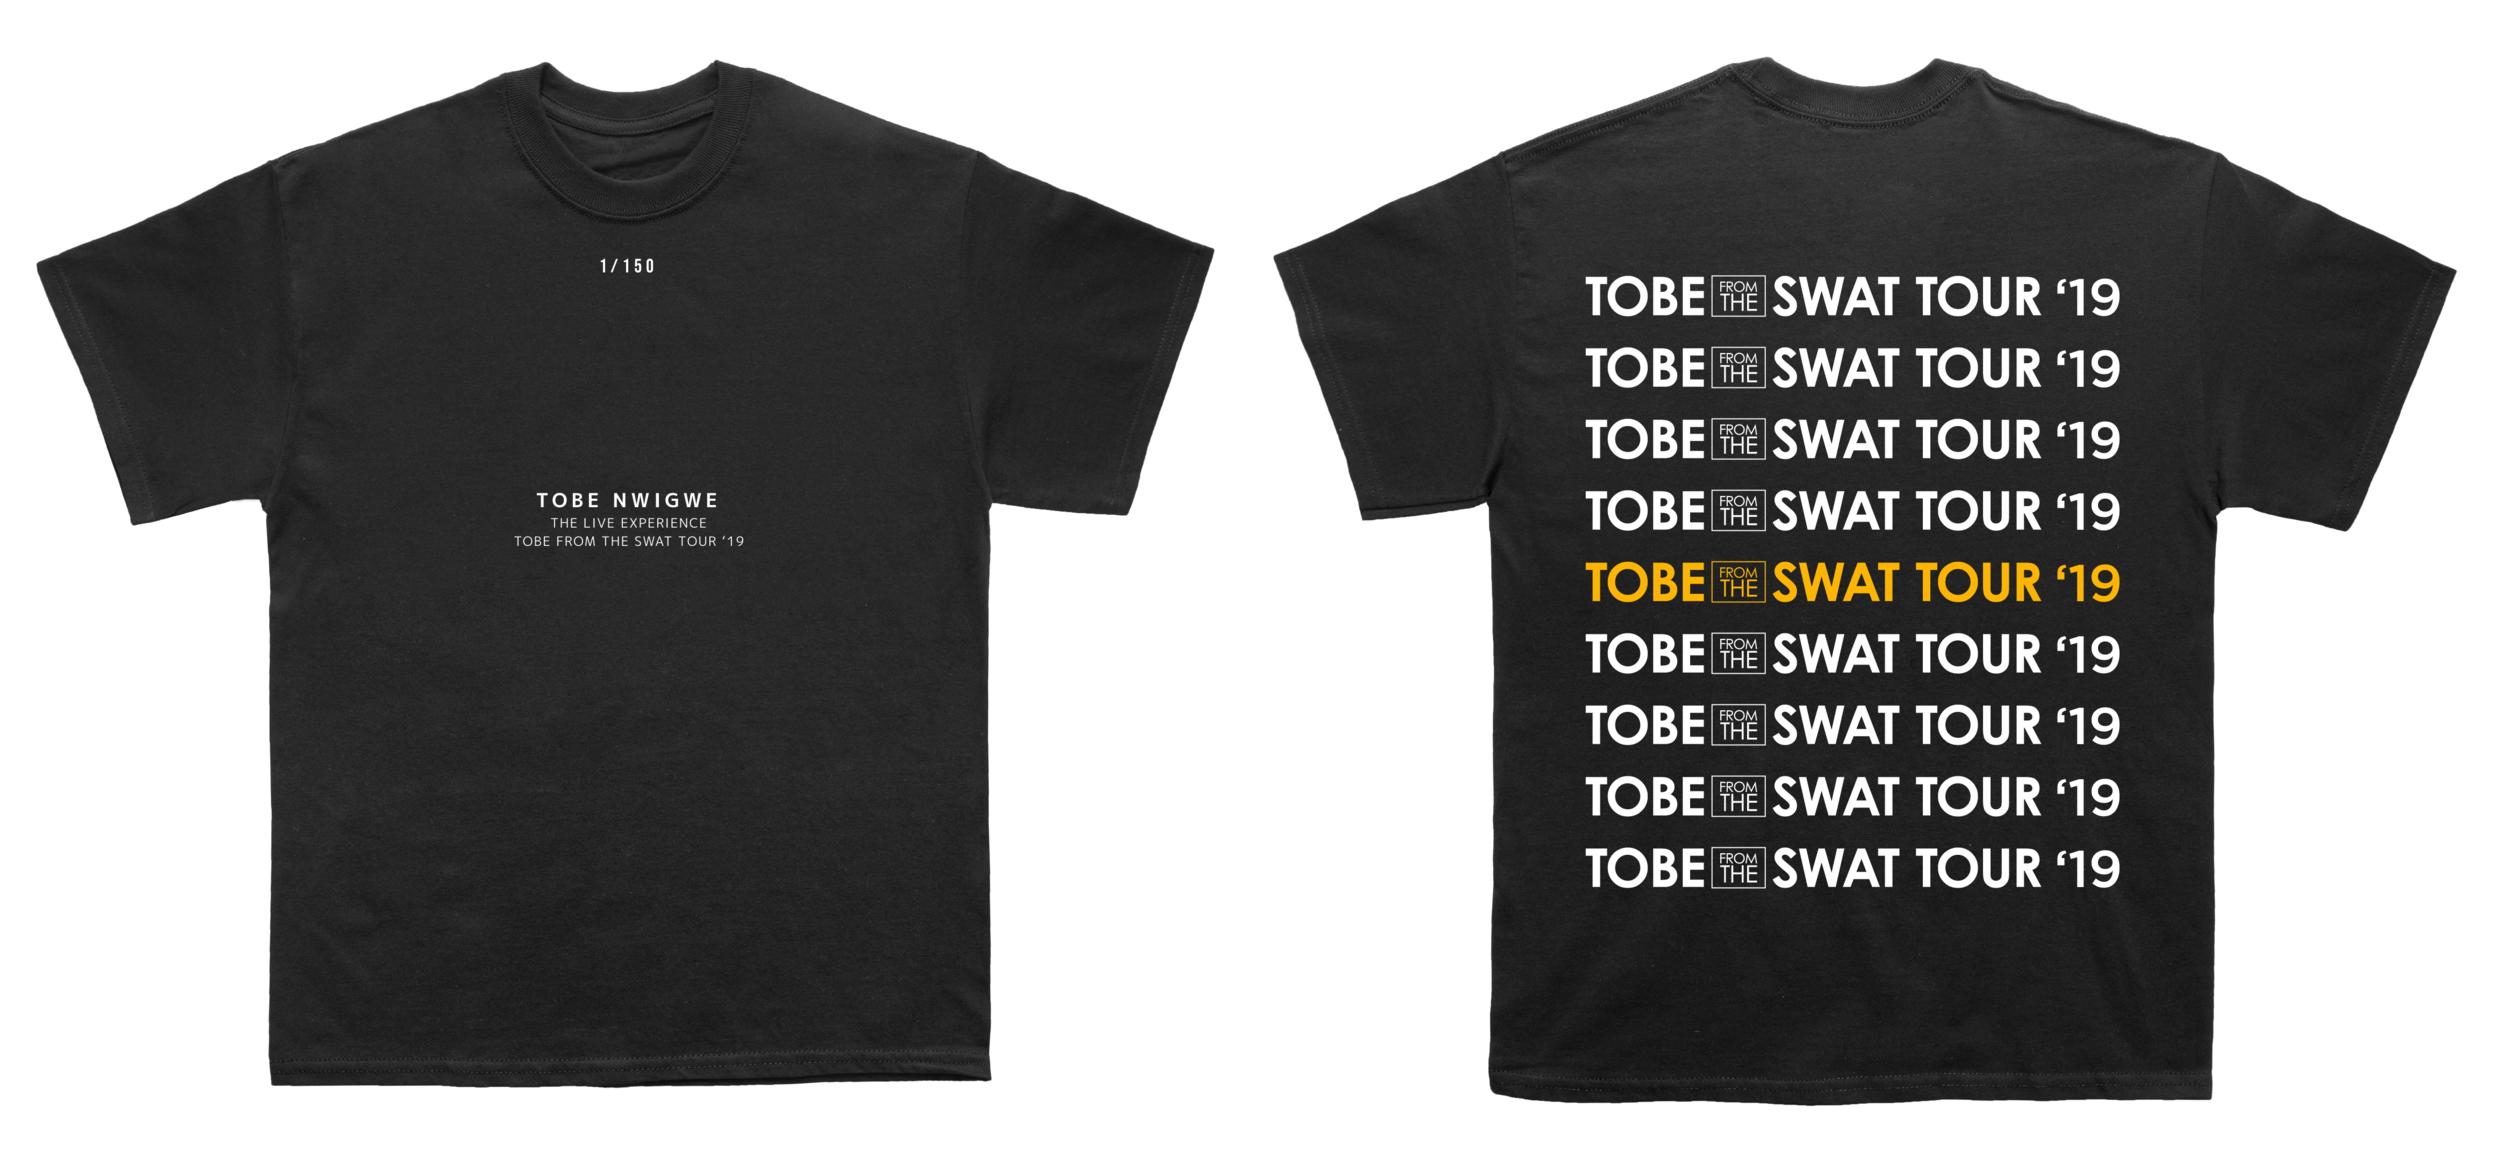 shirt_mockup_FRONT_BACK_v5.png